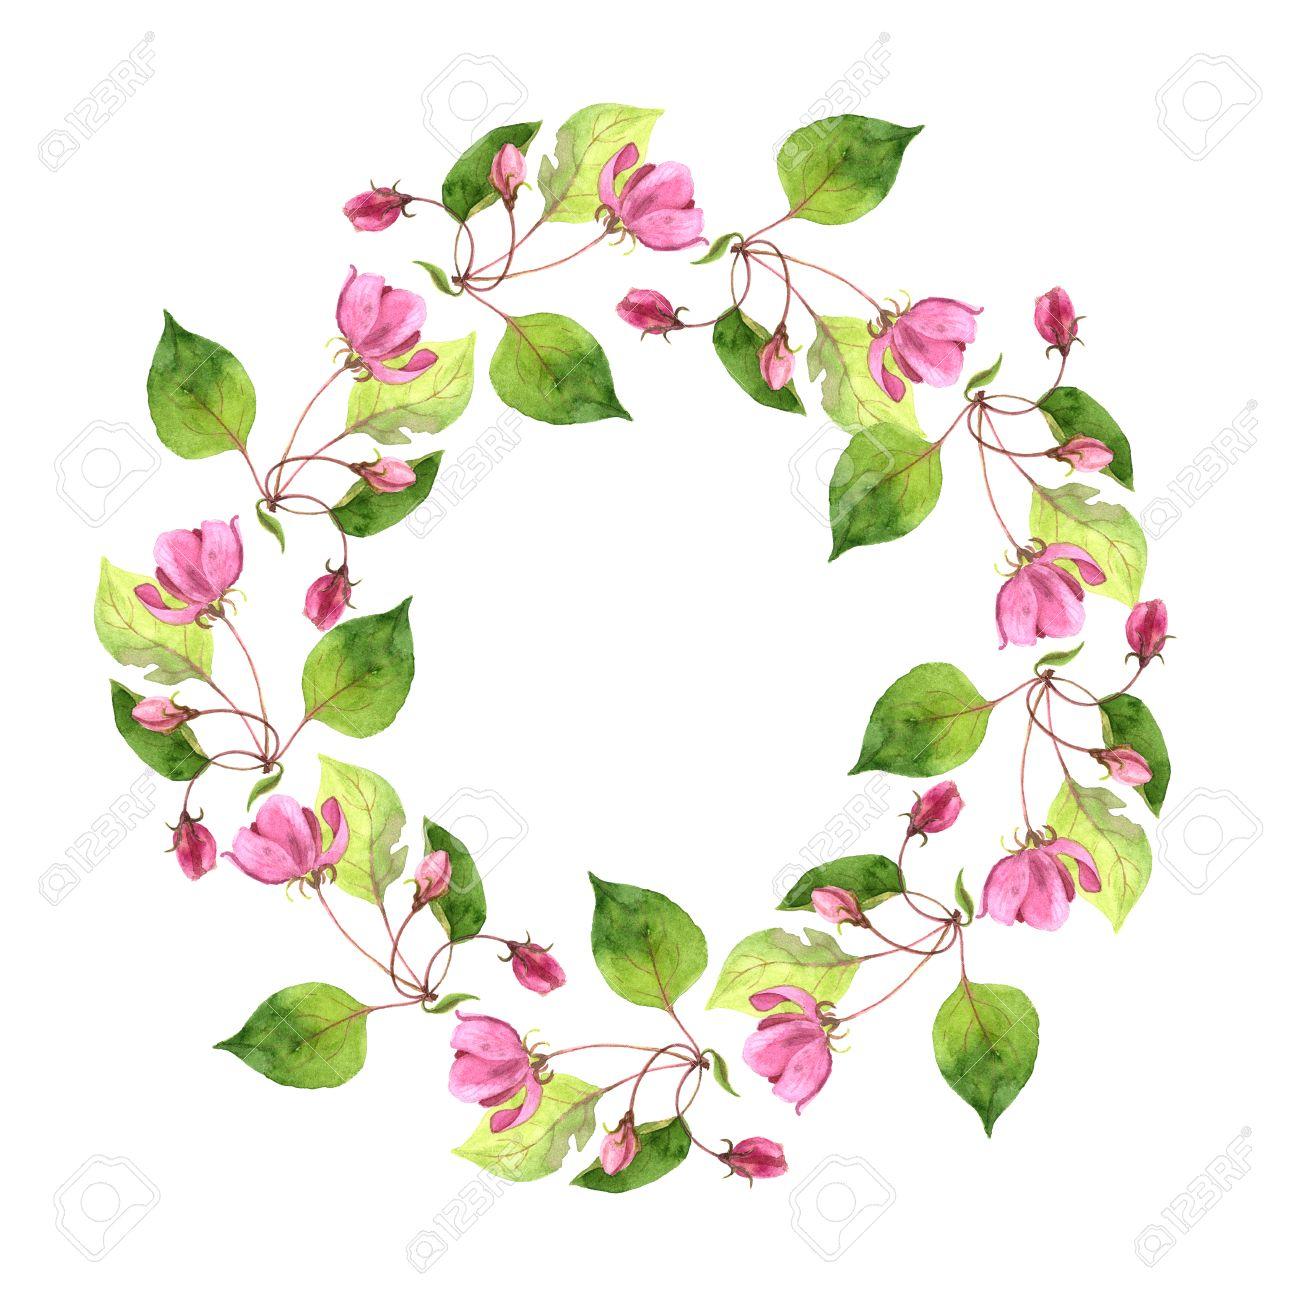 Marco Floral Redondo Con Las Flores Del árbol De La Acuarela Manzana ...